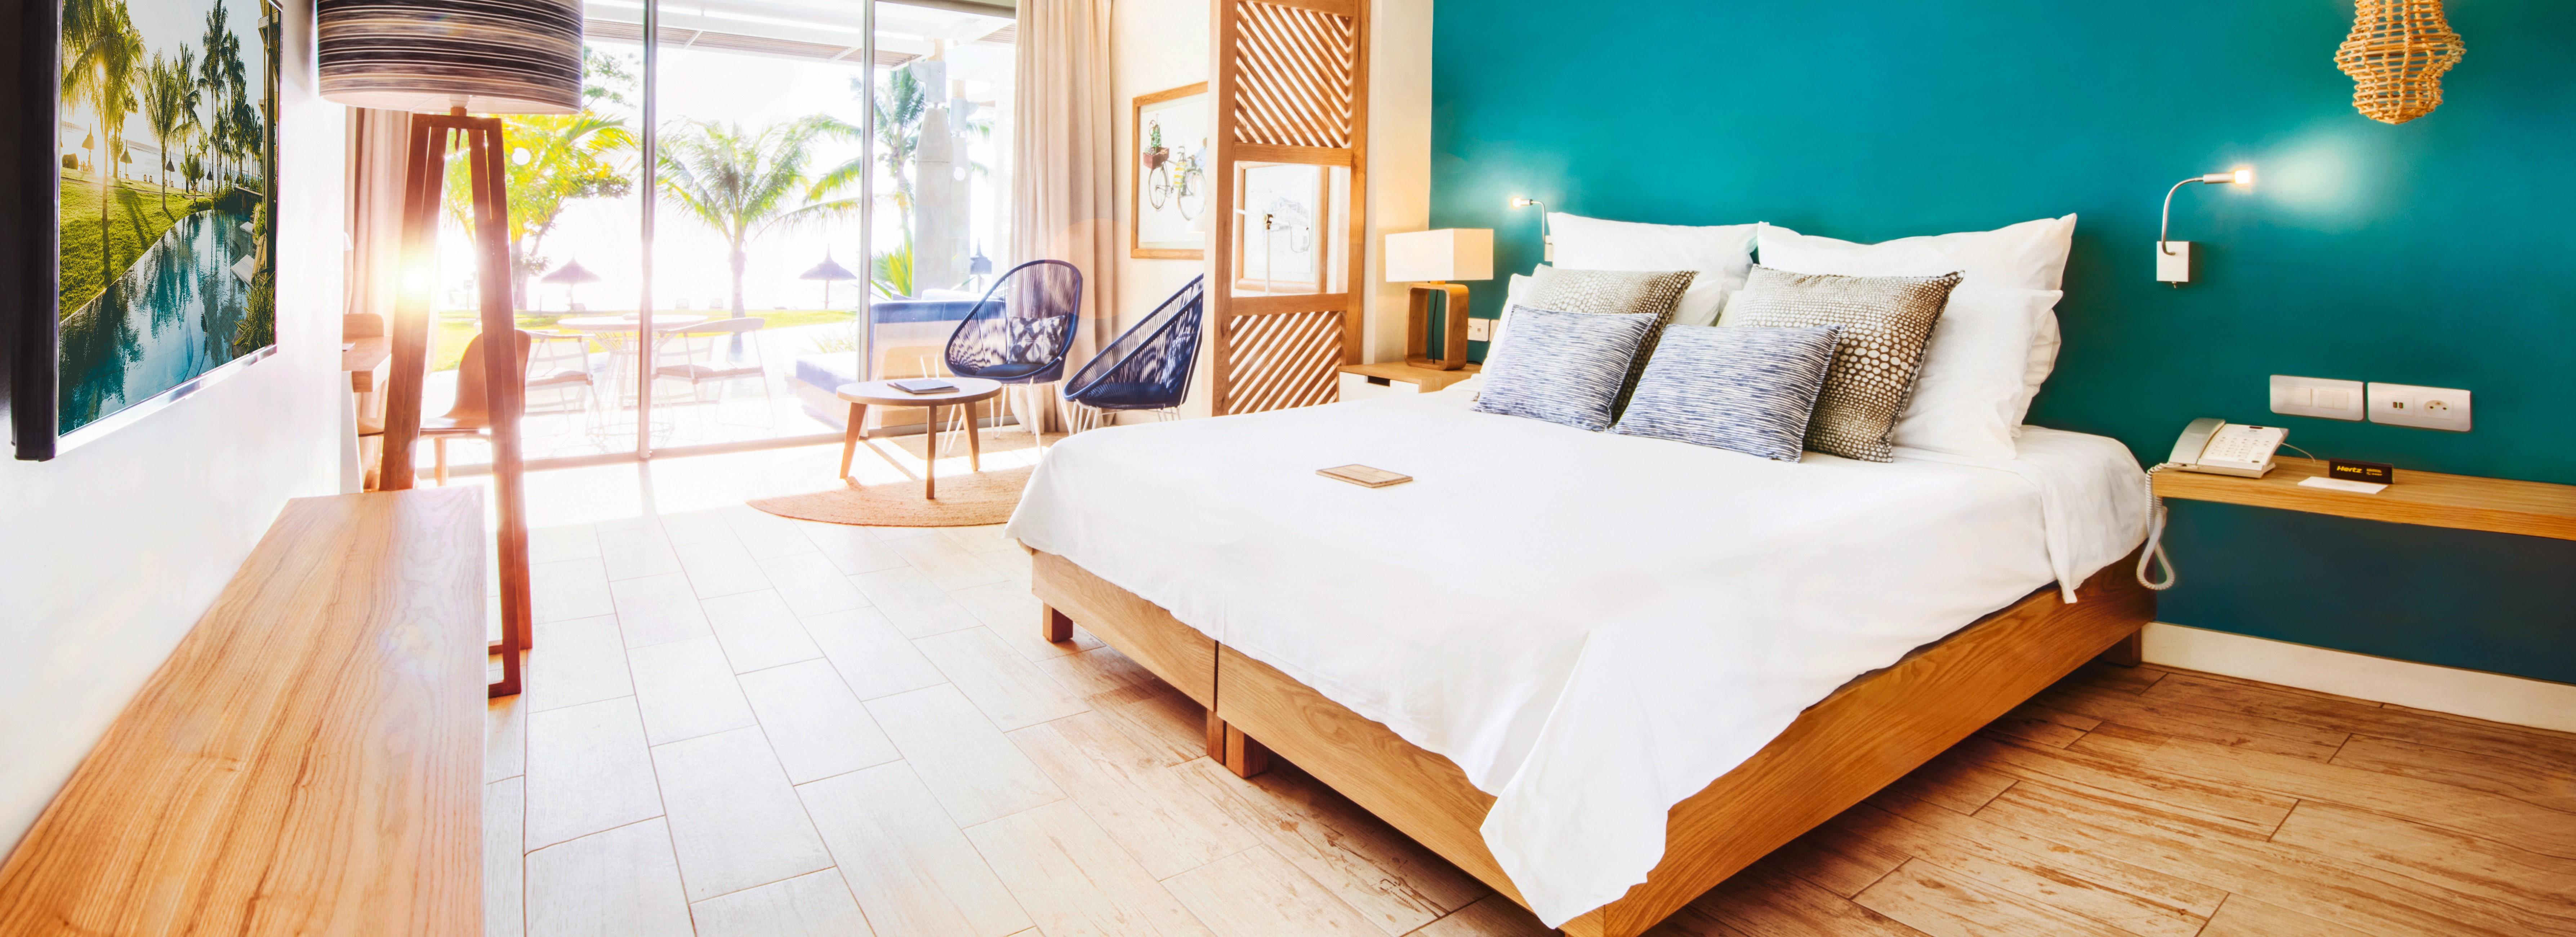 victoria-mauritius-swim-up-bedroom